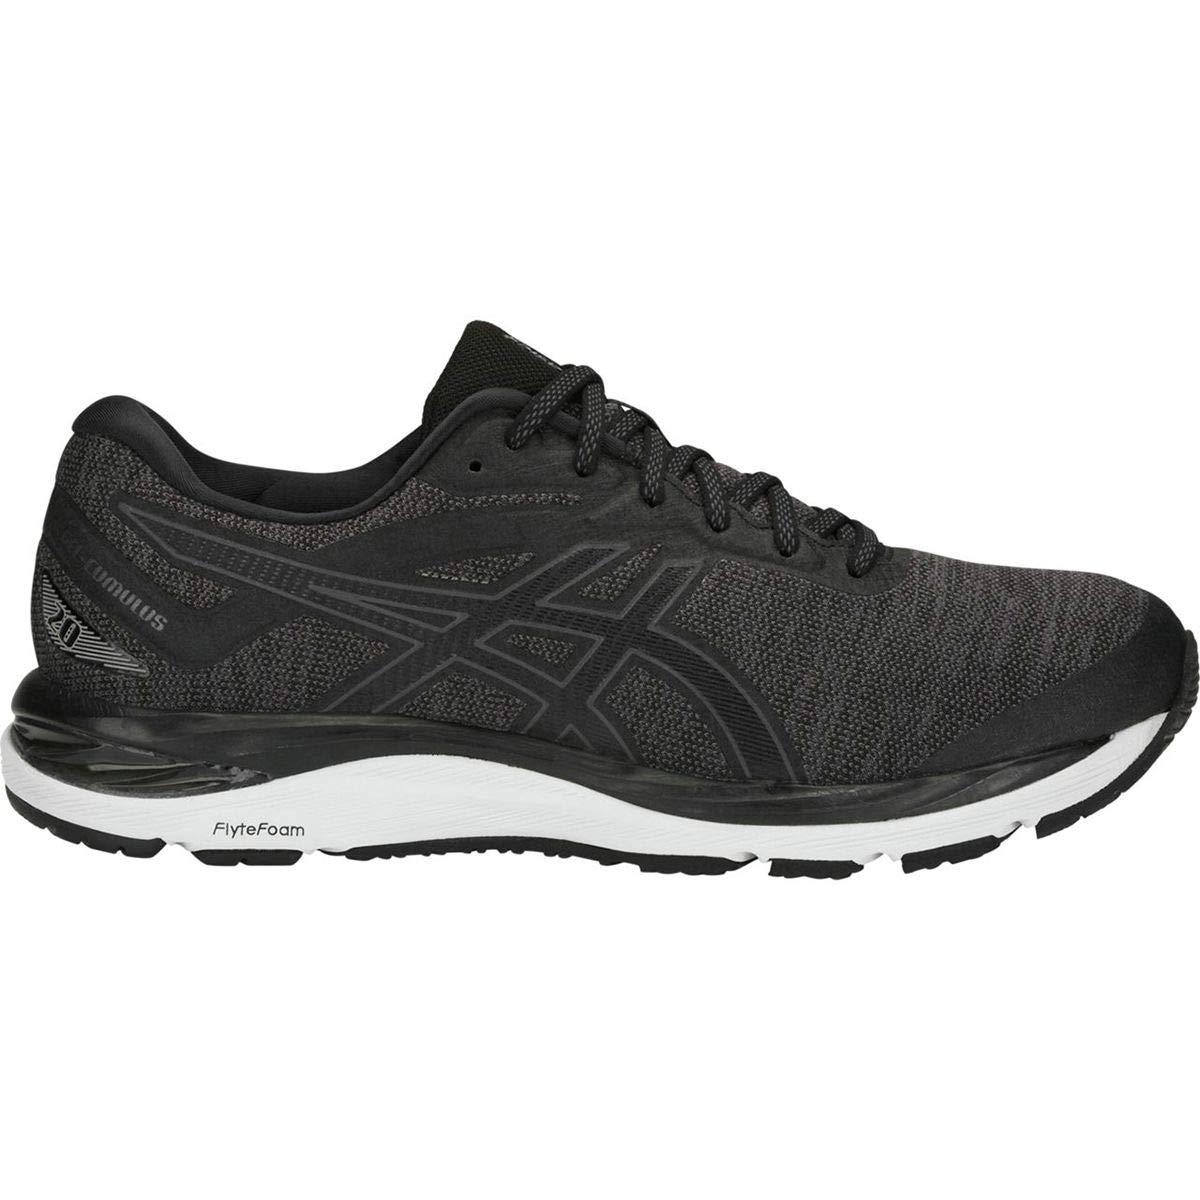 100%正規品 [アシックス] 20 MX メンズ ランニング Gel-Cumulus 20 MX Running Shoe [並行輸入品] Shoe B07P11XP1H 12, 茂木町:0fdfb722 --- beautycity.in